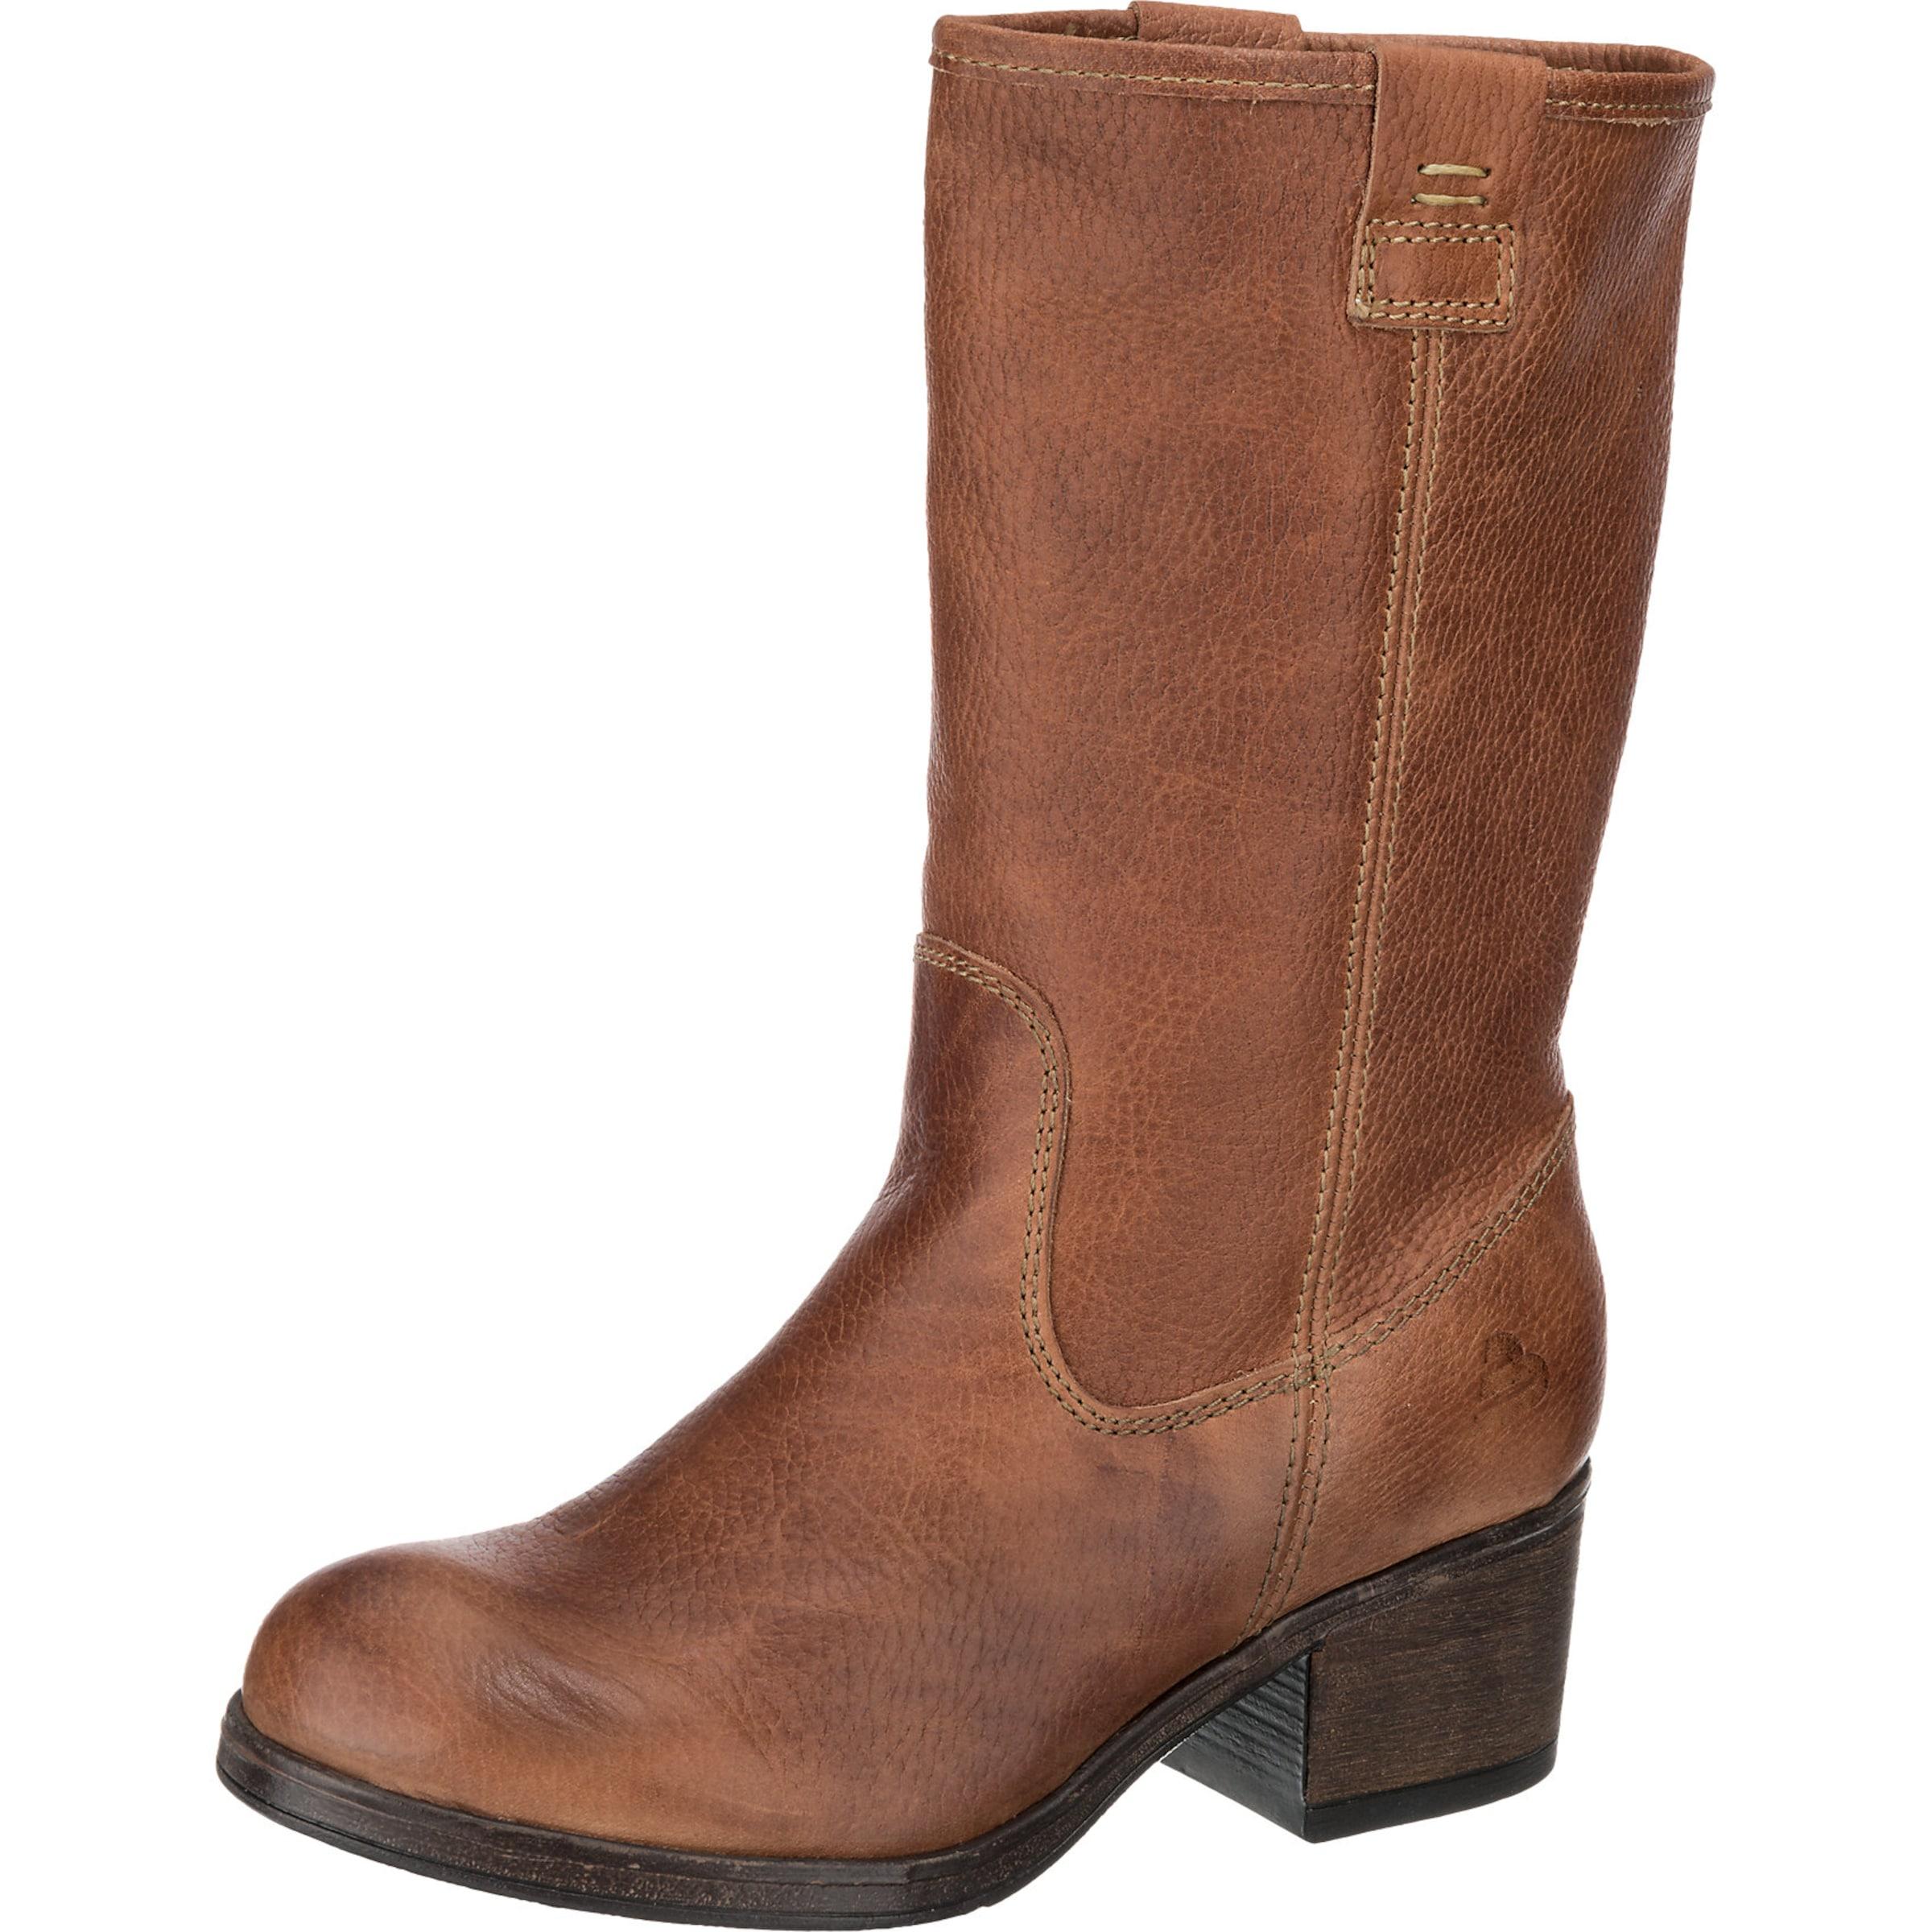 BULLBOXER Stiefel Verschleißfeste billige Schuhe Hohe Qualität